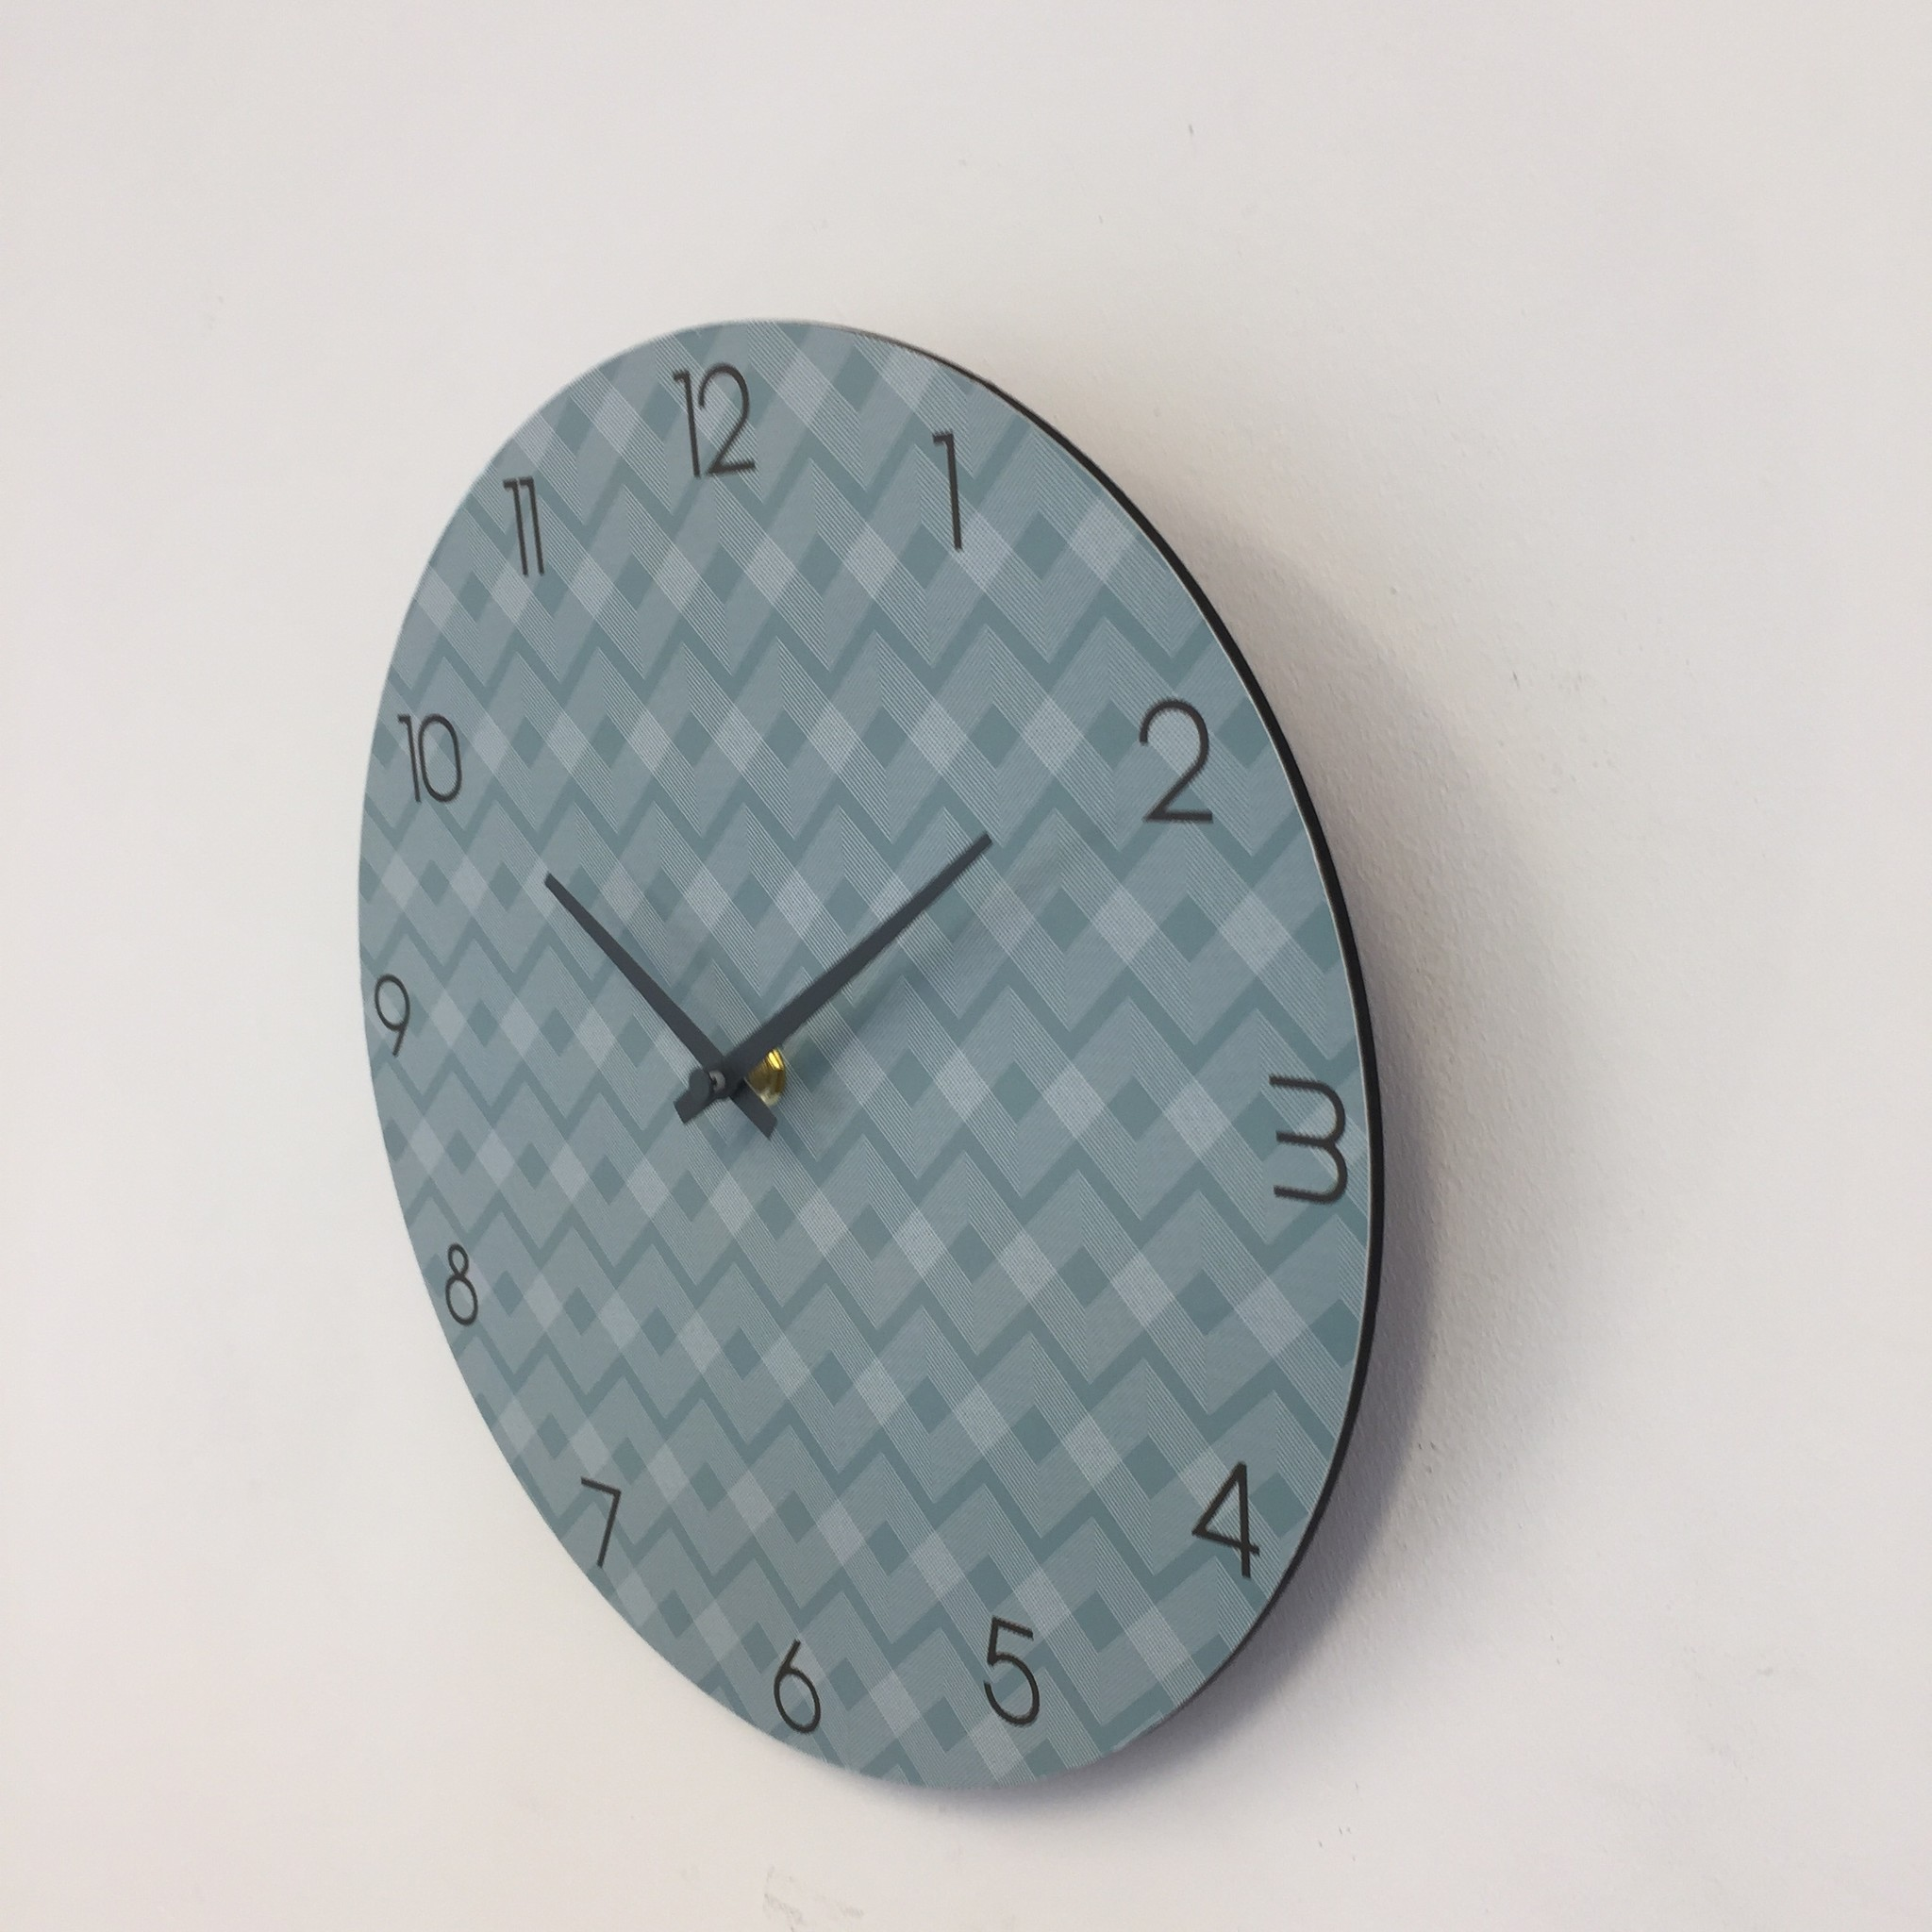 NiceTime Wandklok ETNIC BLUE MODERN DESIGN